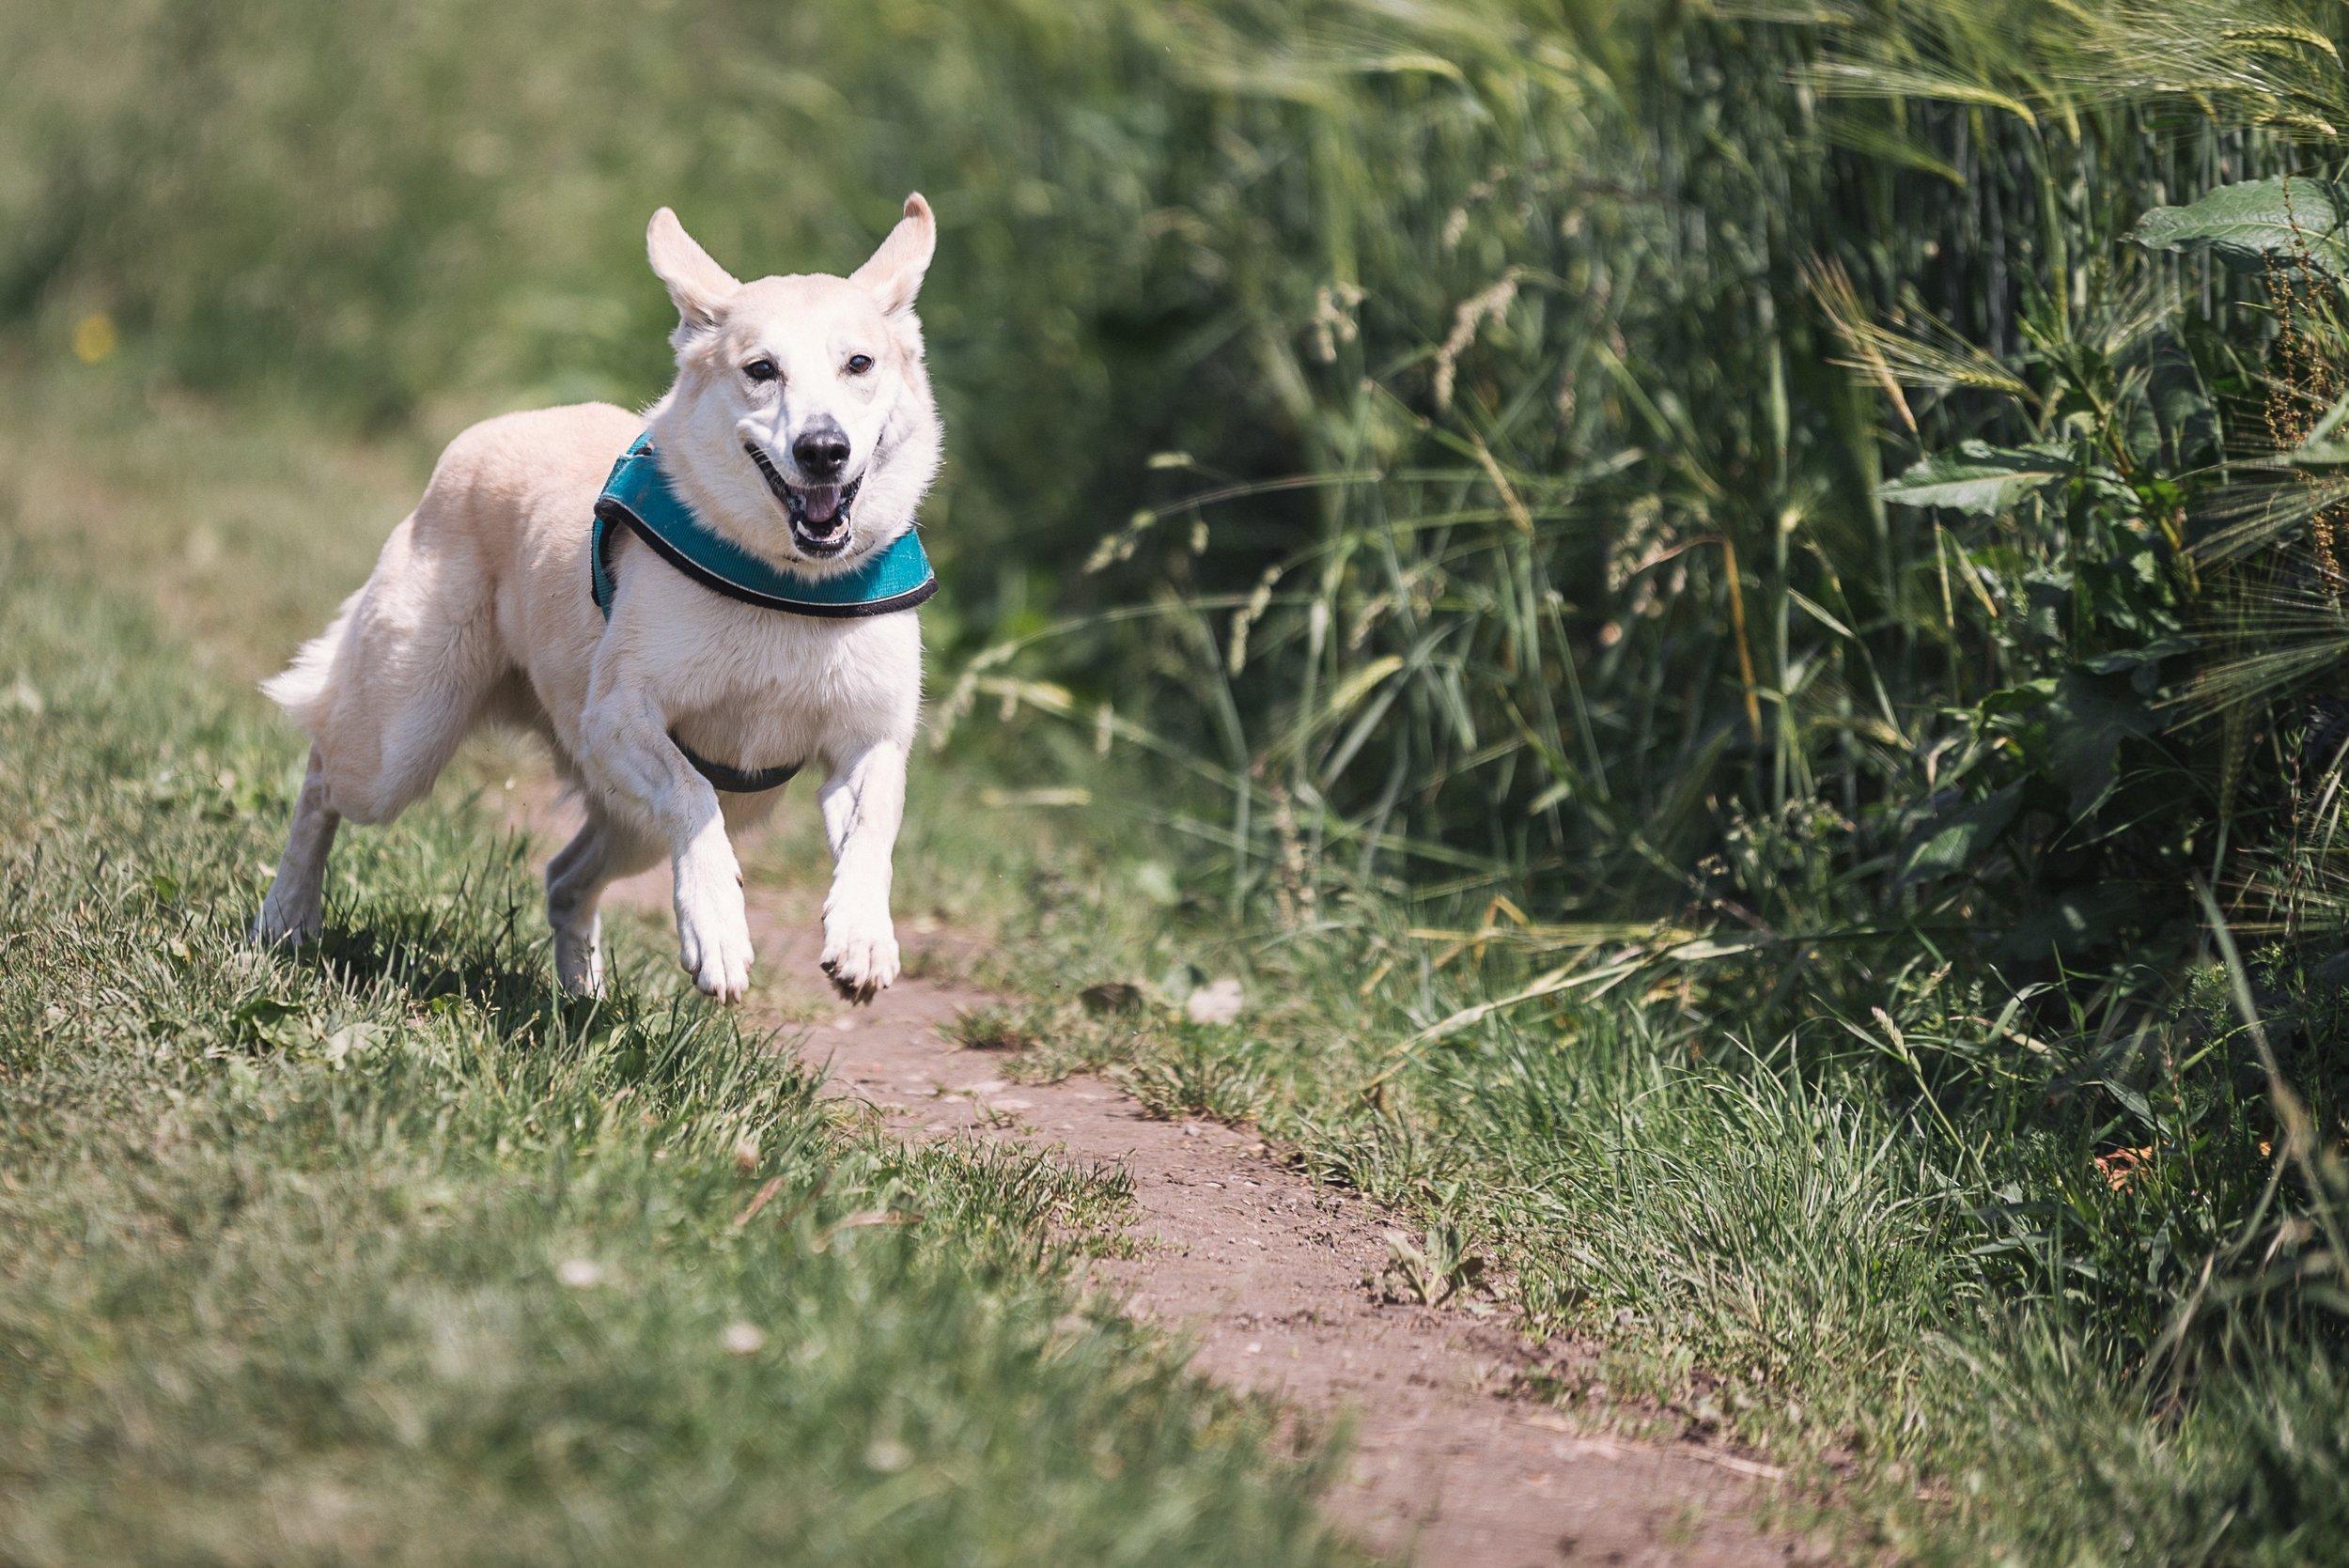 running pup.jpeg